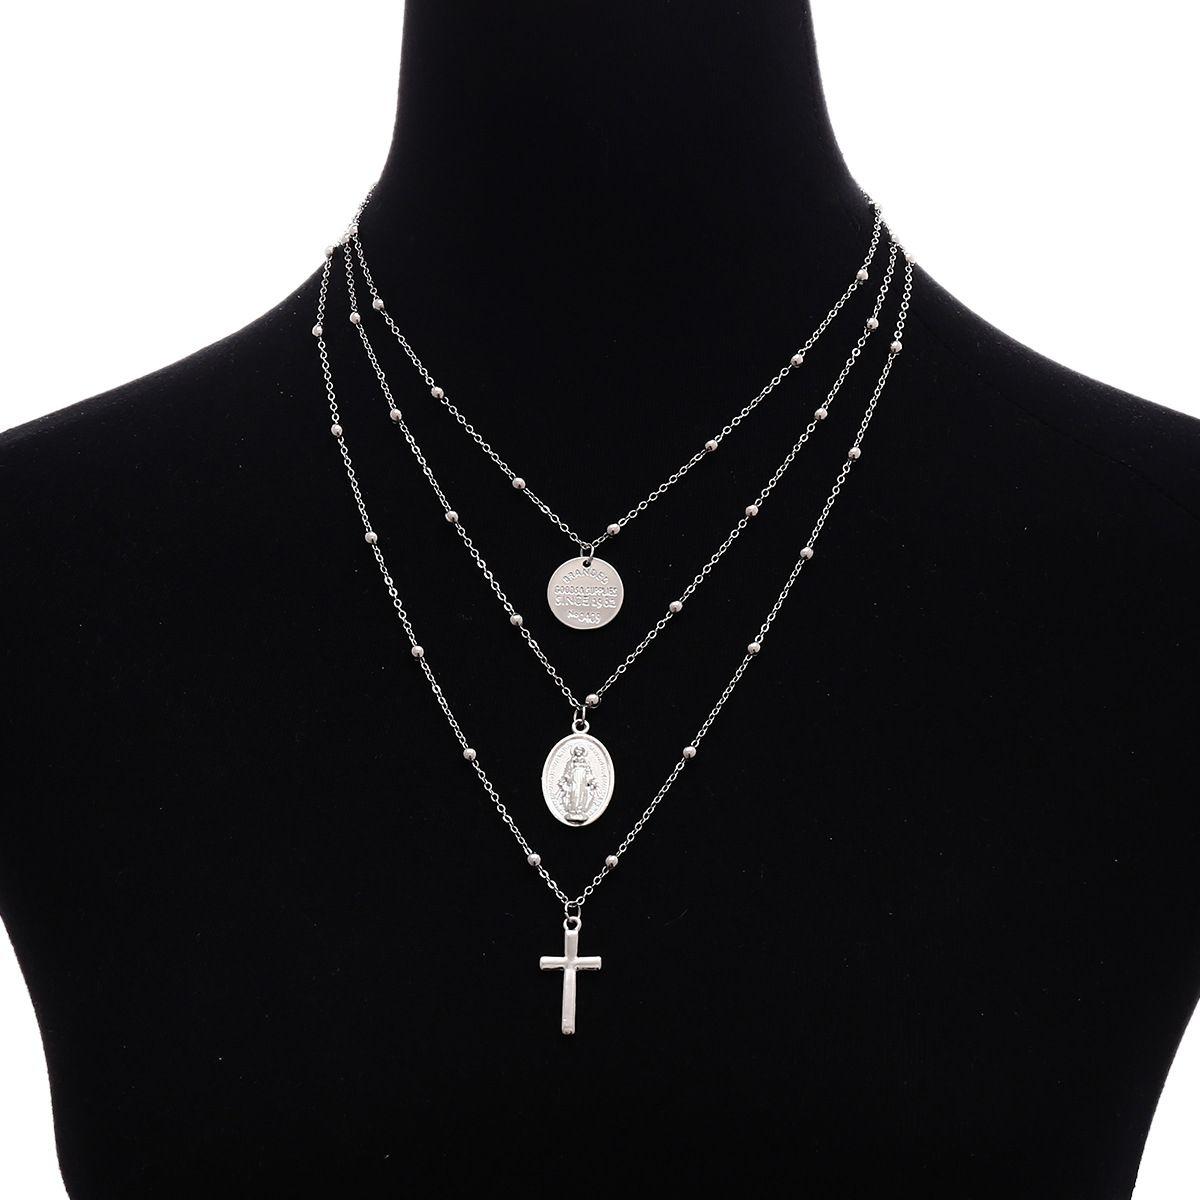 Europa e América estilo cadeia de moda colar de pingente de cruz peça redonda 3 camadas verão colar de praia para as mulheres de jóias